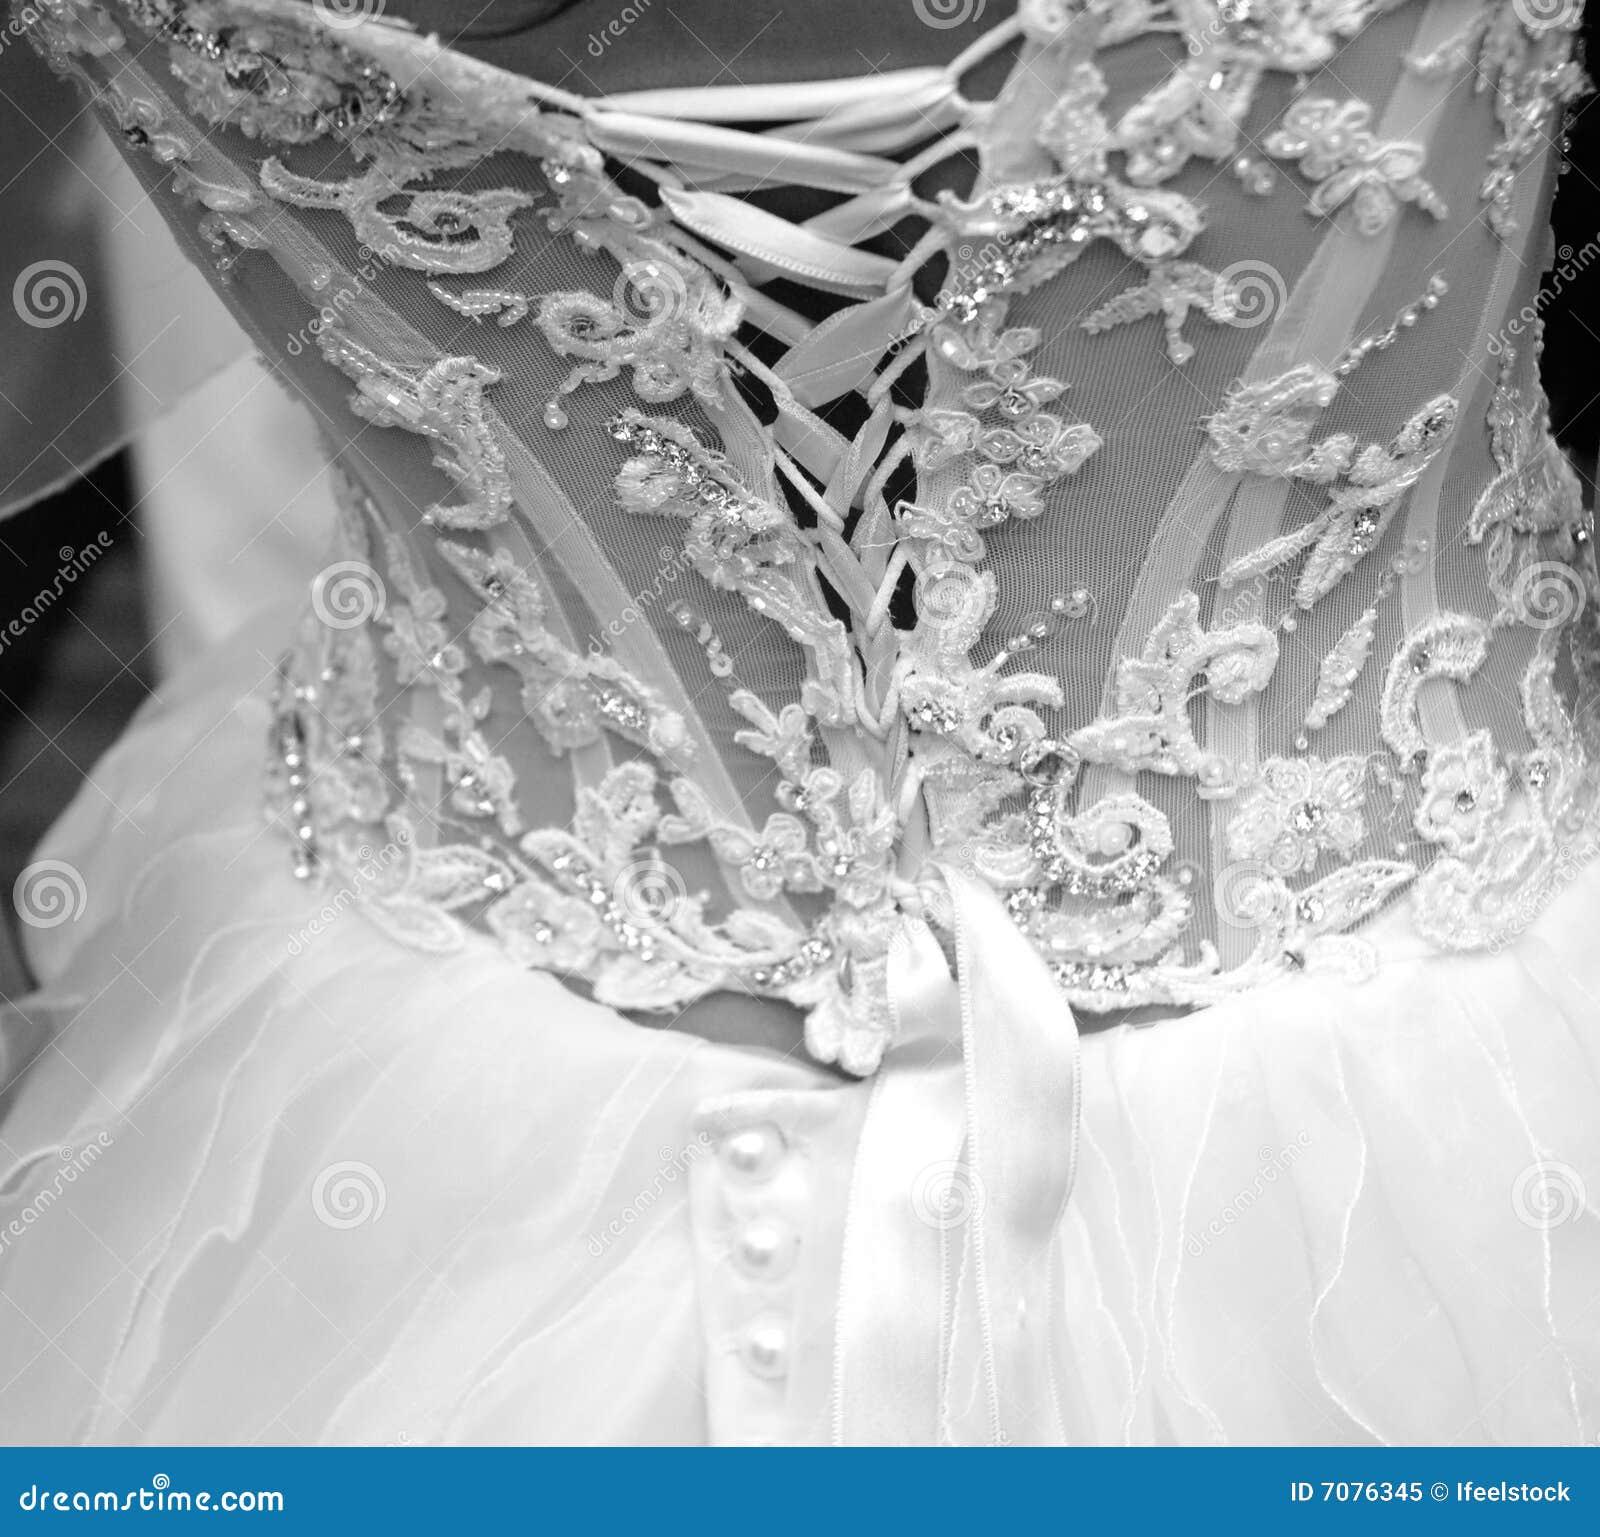 le femme d 39 un mariage noir et blanc photo libre de. Black Bedroom Furniture Sets. Home Design Ideas